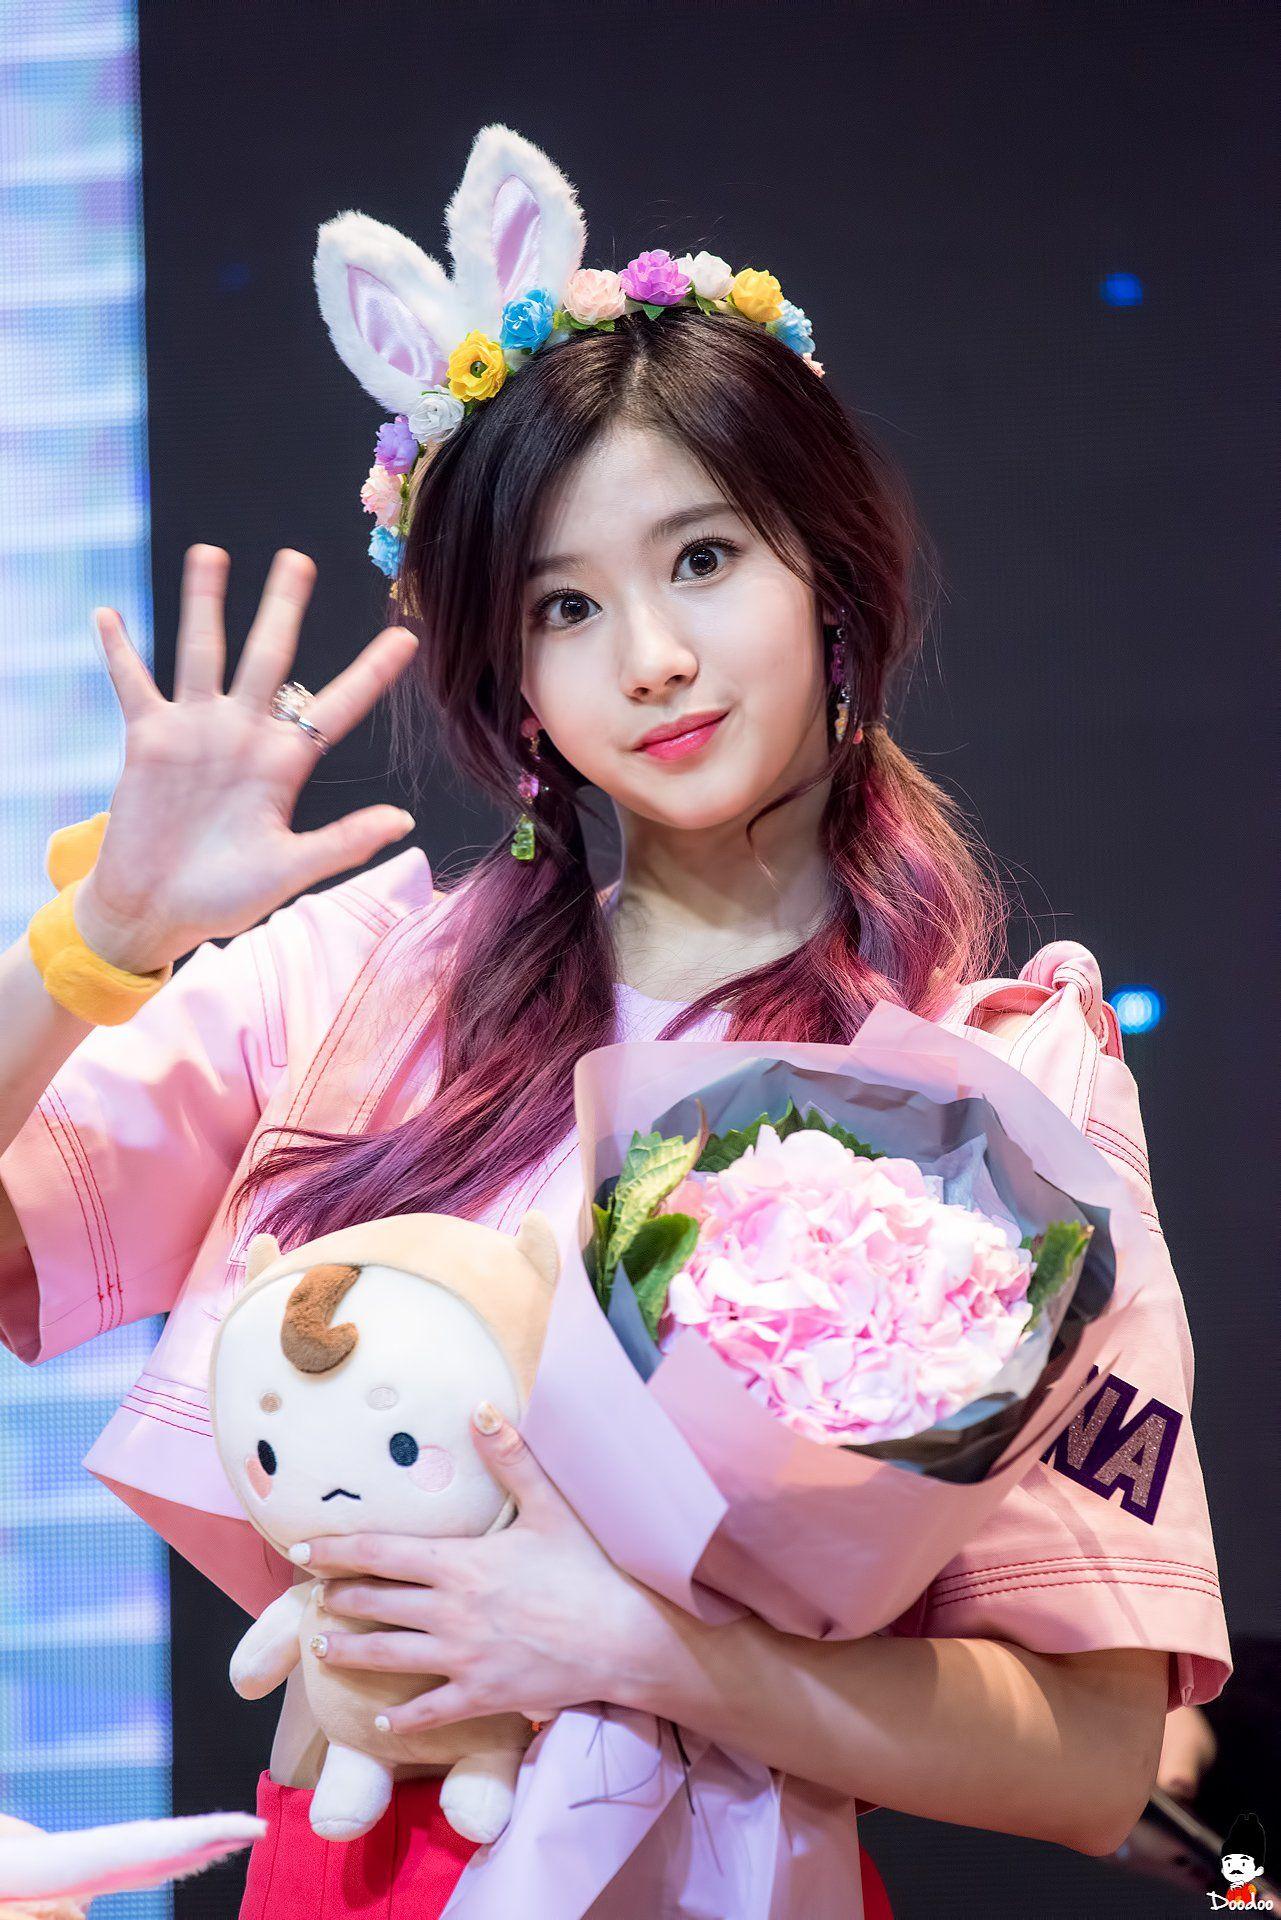 Twice Cute : twice, TWICE, 트와이스, 사나(1281×1920), Twice, Sana,, Nayeon,